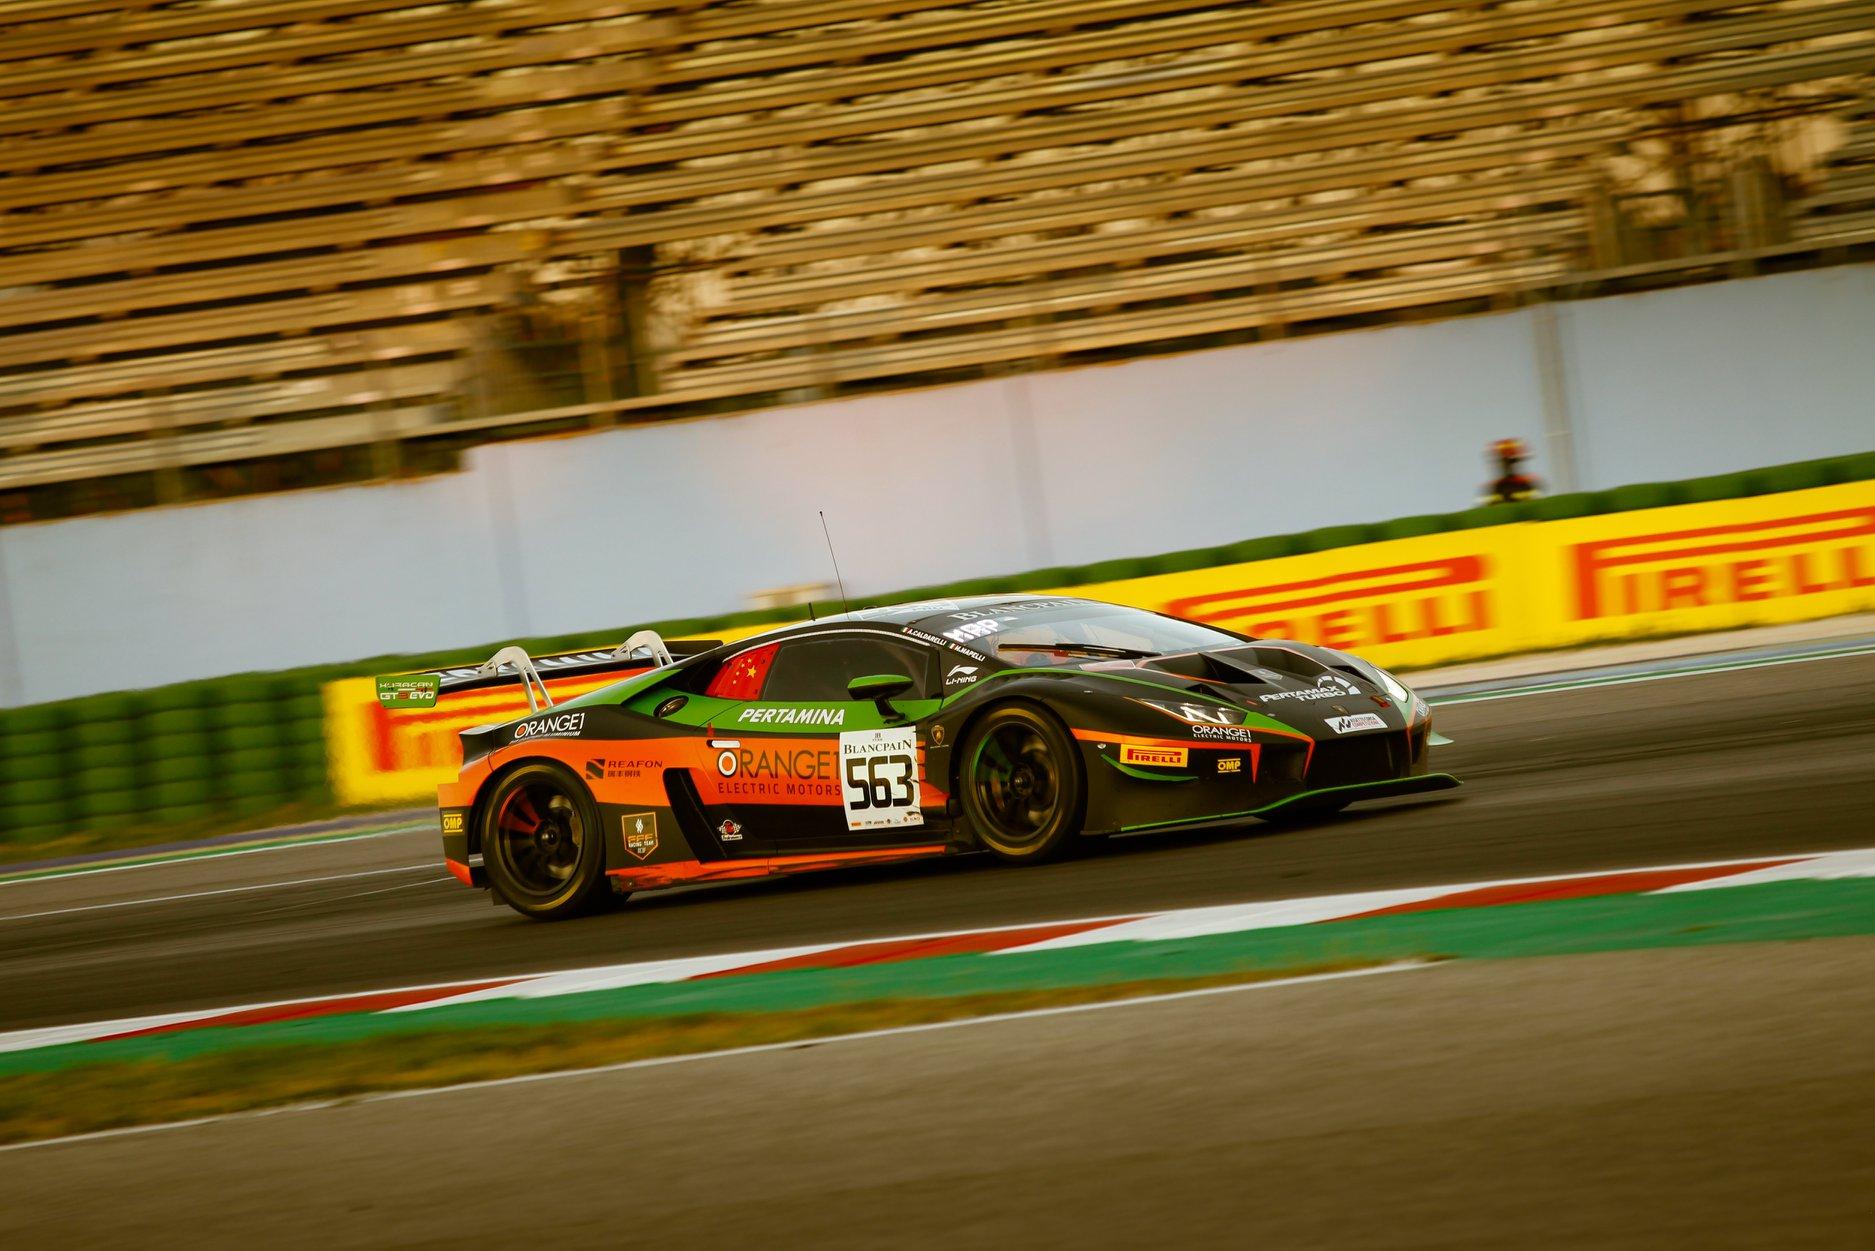 ORANGE1 FFF Racing by ACM looking forward Dutch challenge